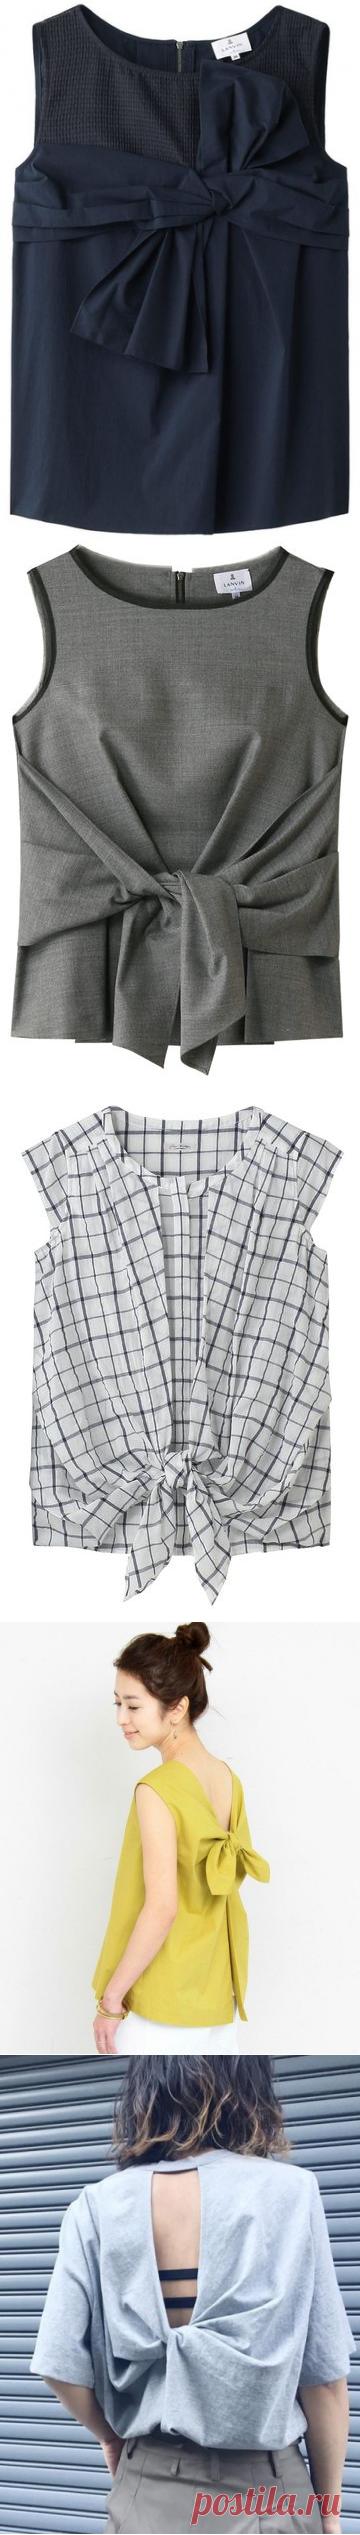 Своими руками (Творчество, Шитье, Выкройки)Интересные блузы. Идеи для вдохновения.